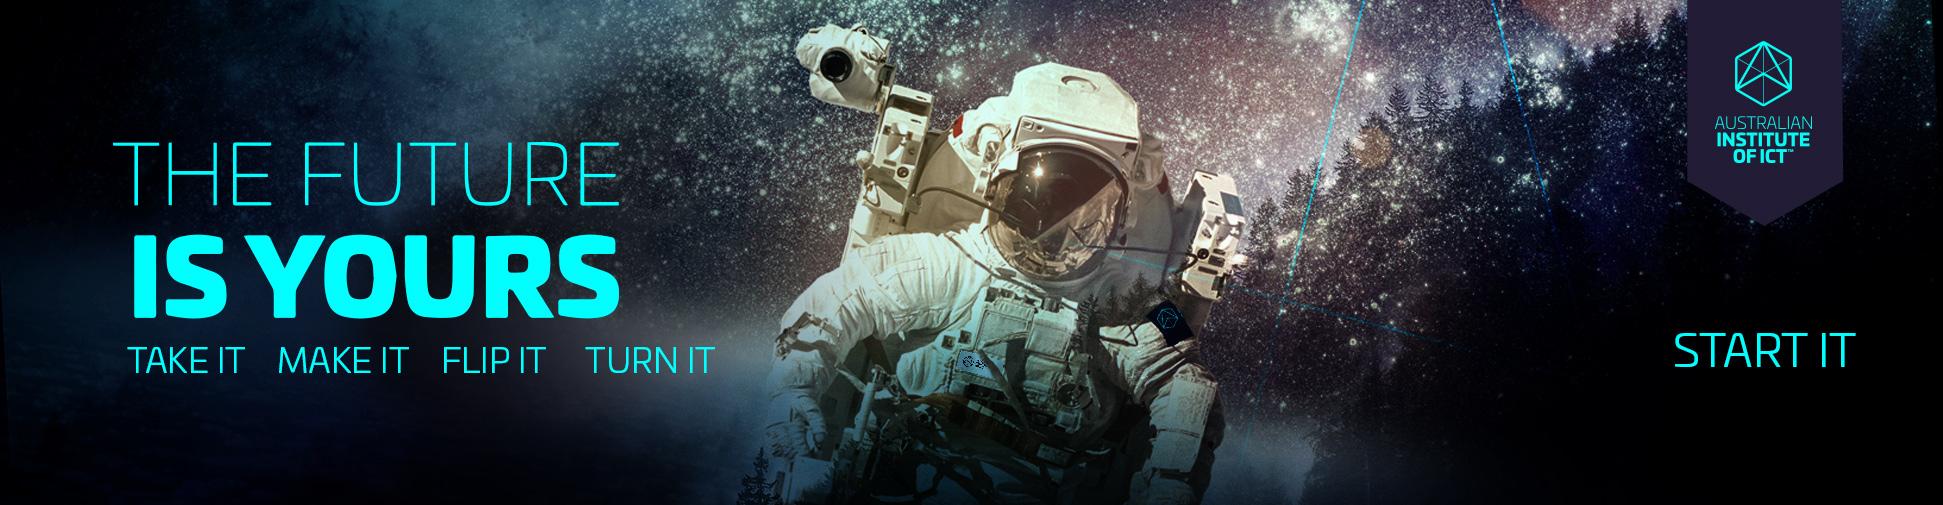 Space man mural design